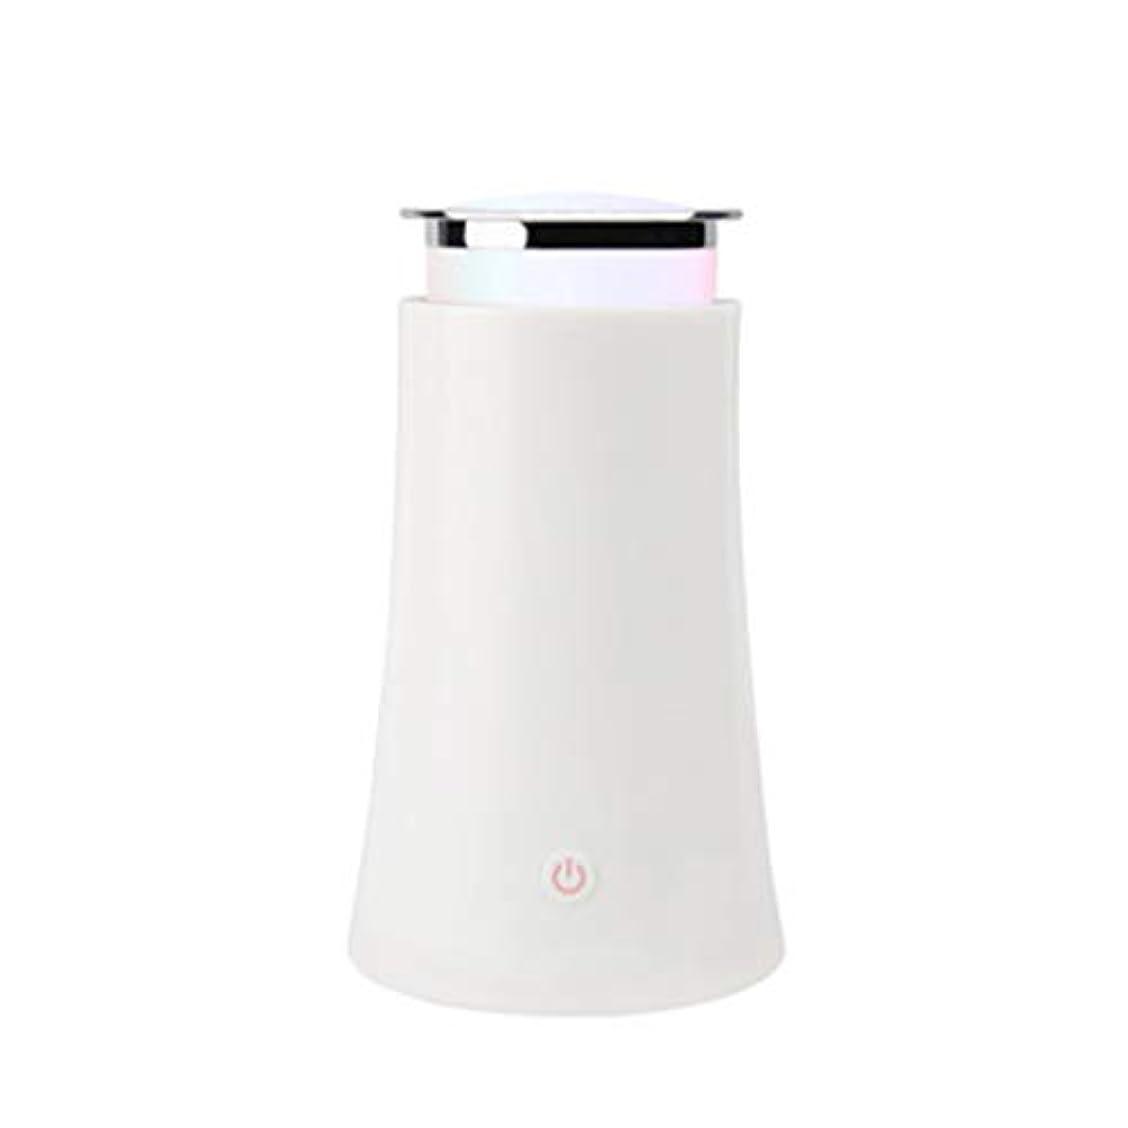 してはいけないニッケルタワーサイレントカラースプレー機超音波加湿器プラグイン加湿器香機世帯 (Color : White)